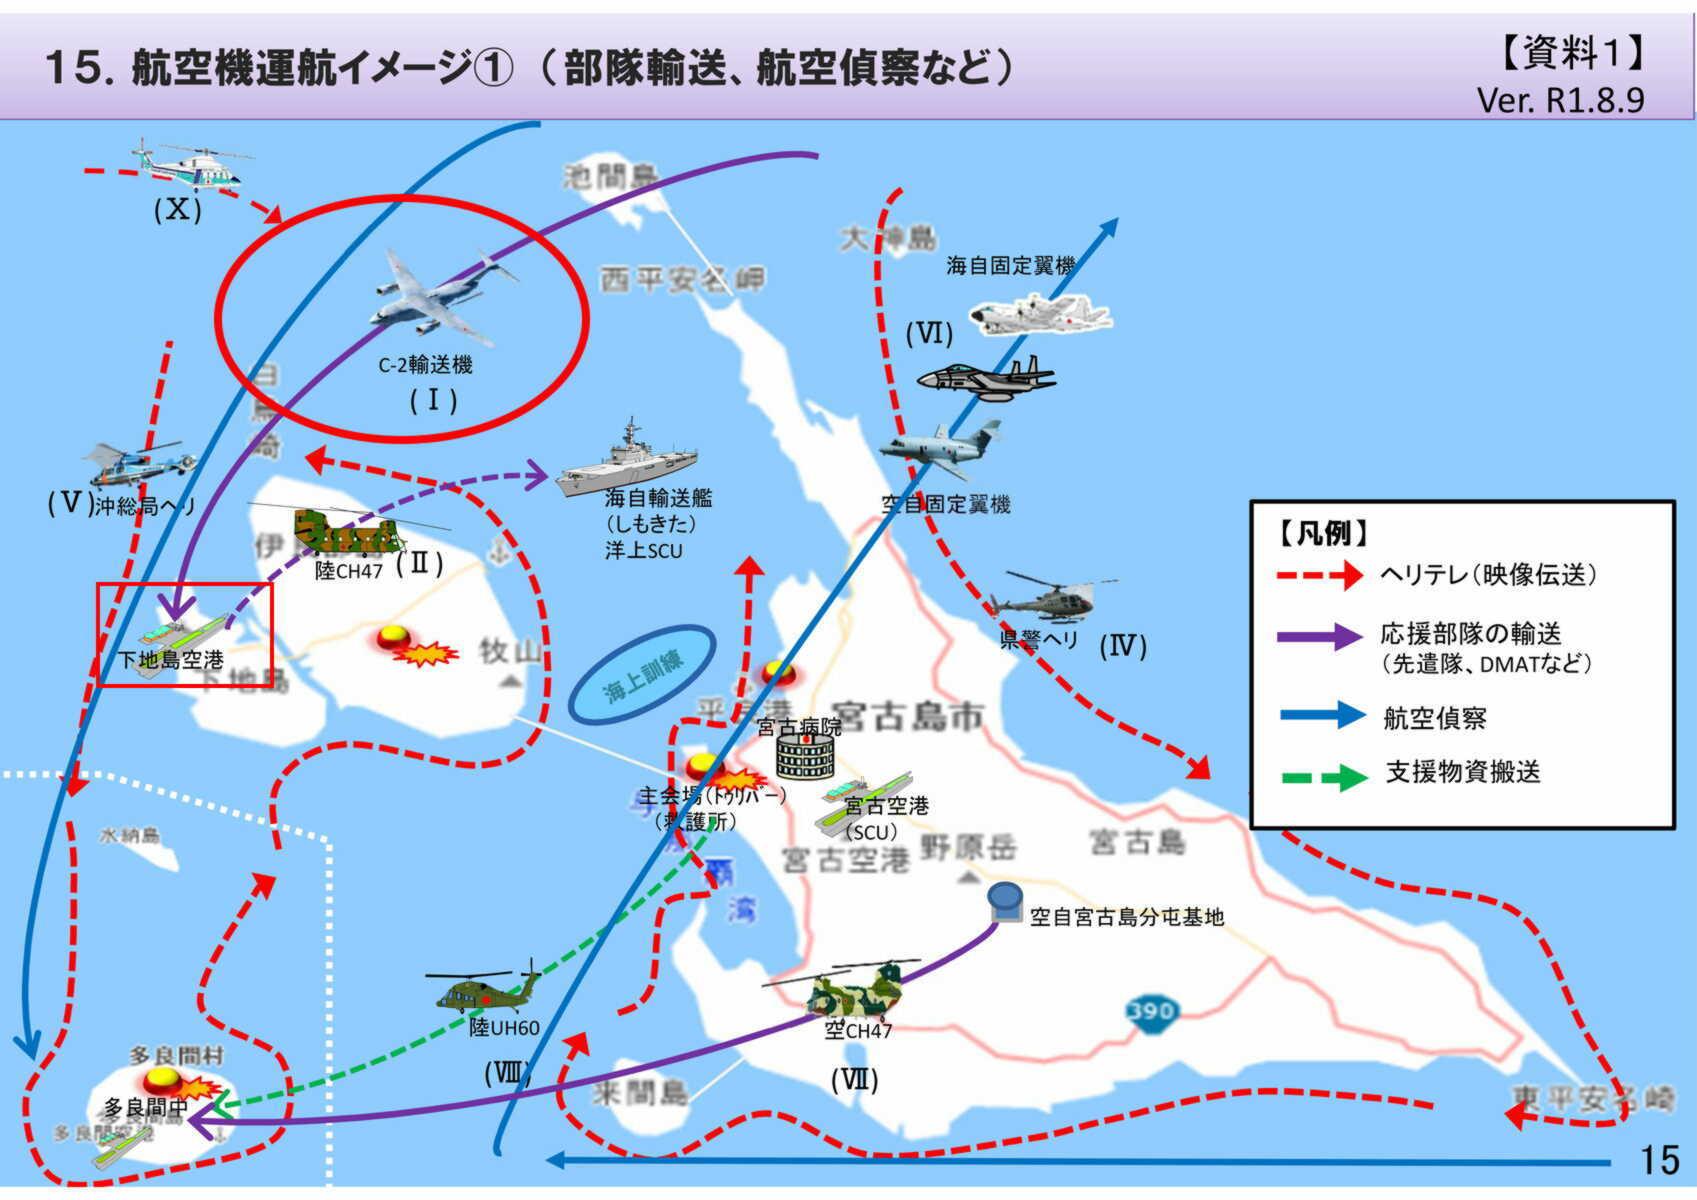 2019 0901県防災訓練実施計画概要0016b